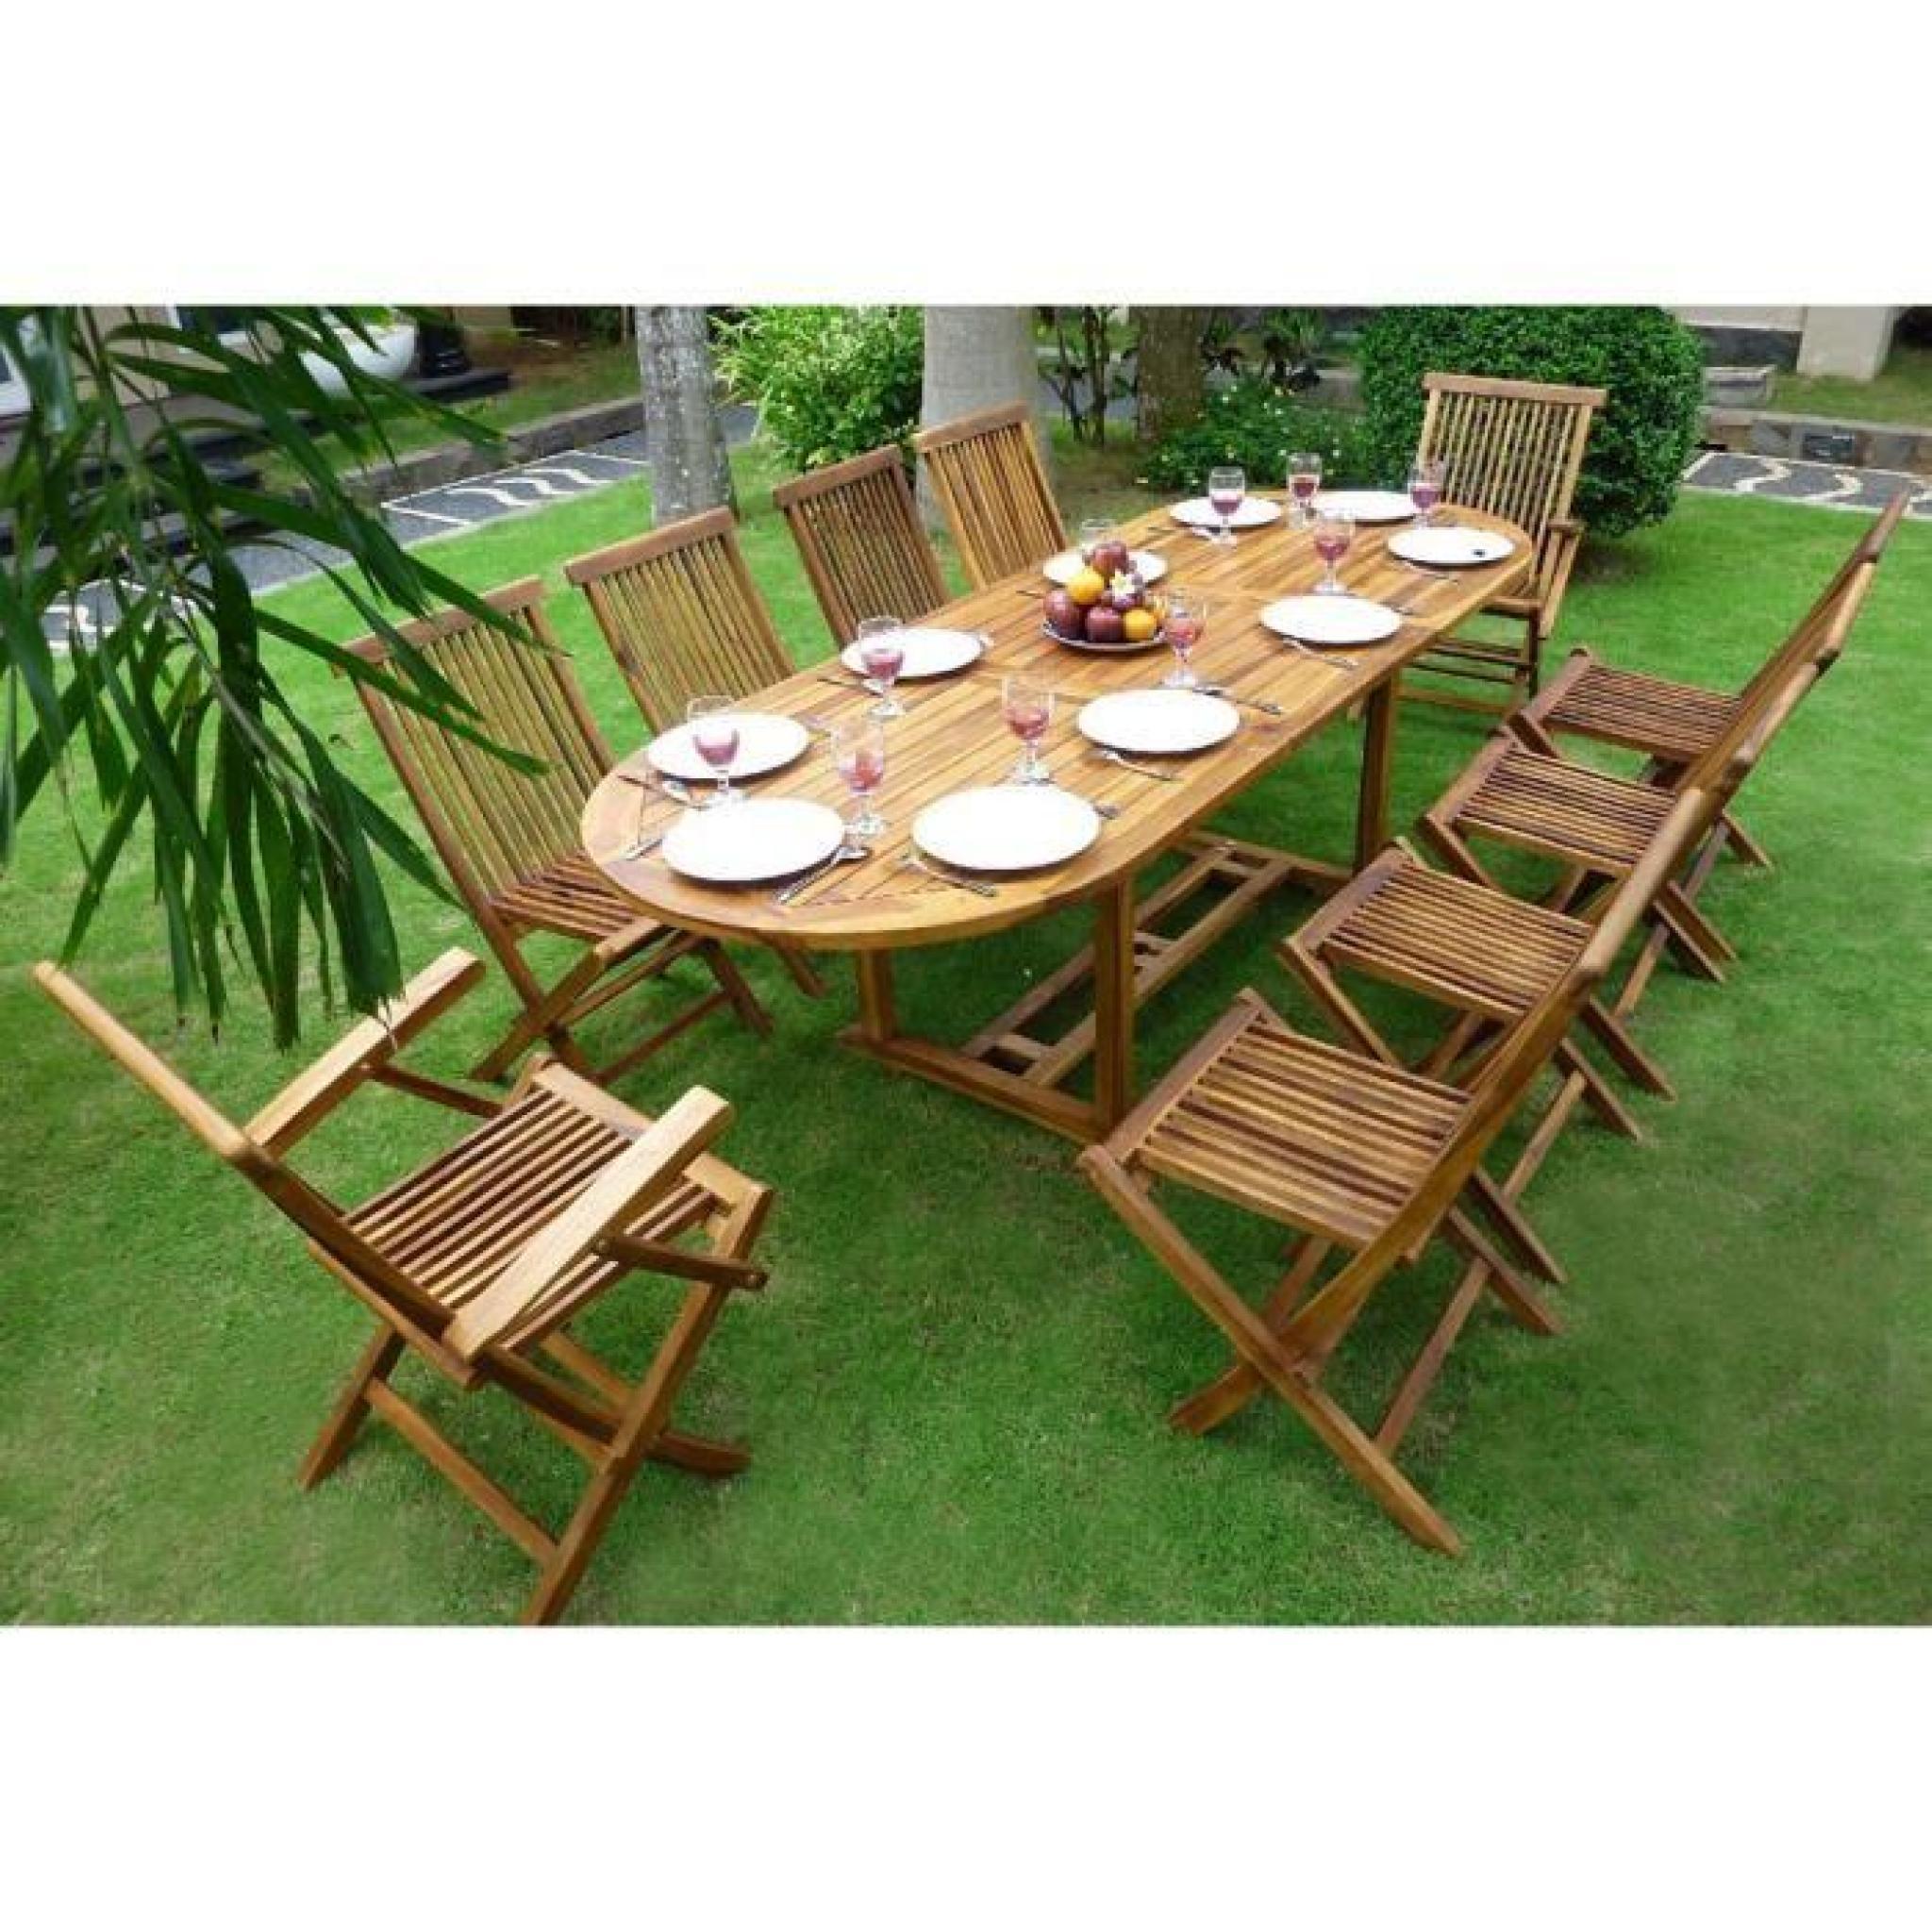 Salon de jardin en teck huilé 10 places - table 180-240 cm